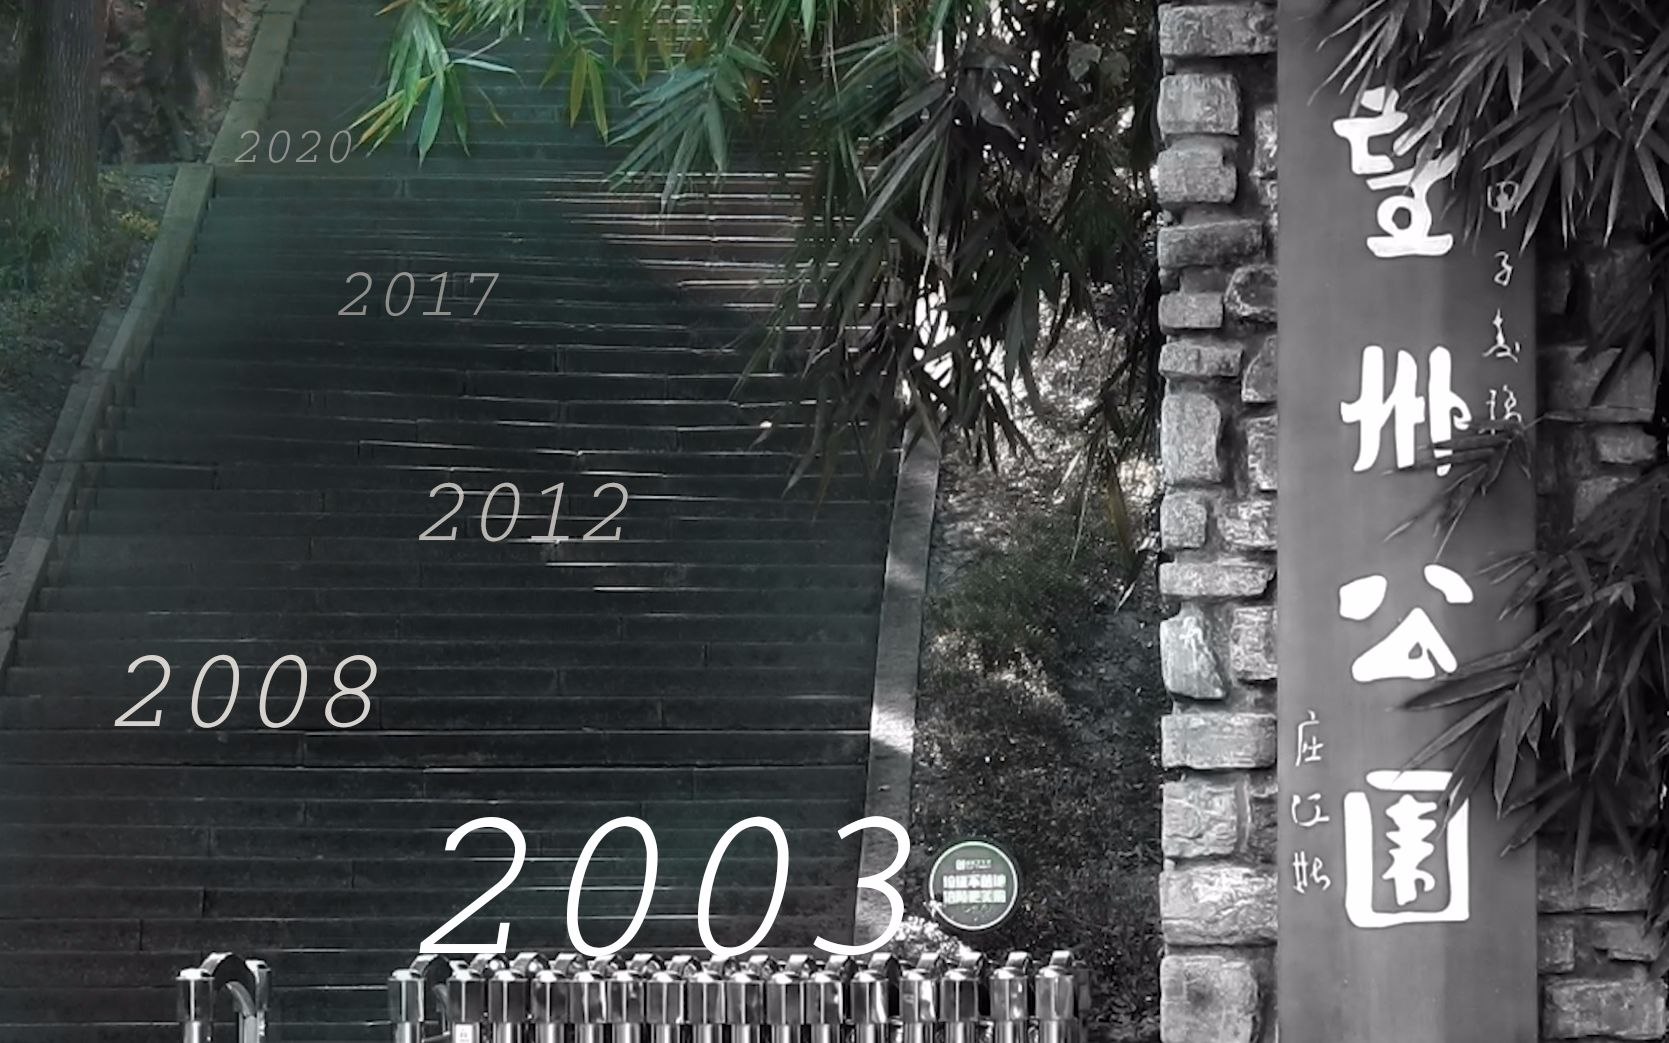 2020罗德短片大赛——涪陵往事《公园2020》